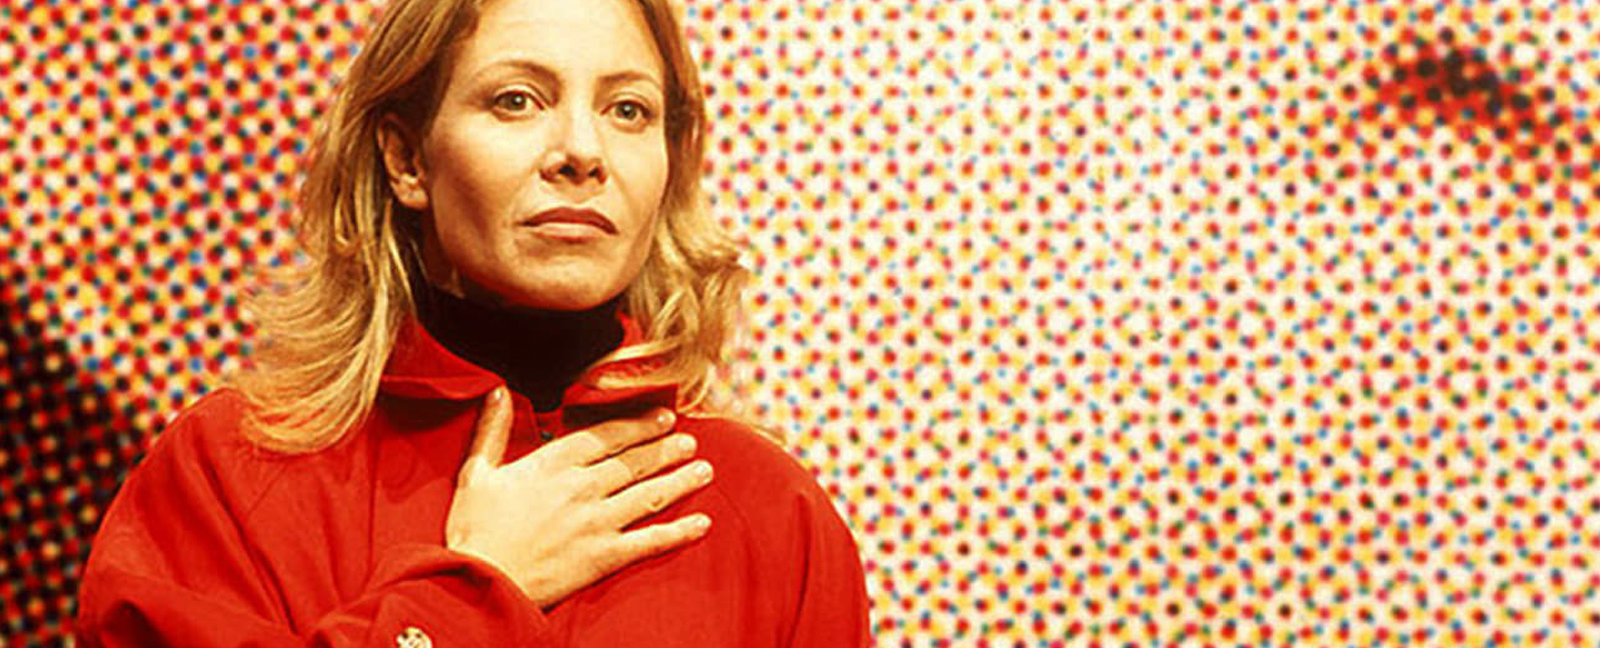 Специальный показ фильма «Всё о моей матери» КультКино cultofcinema.com